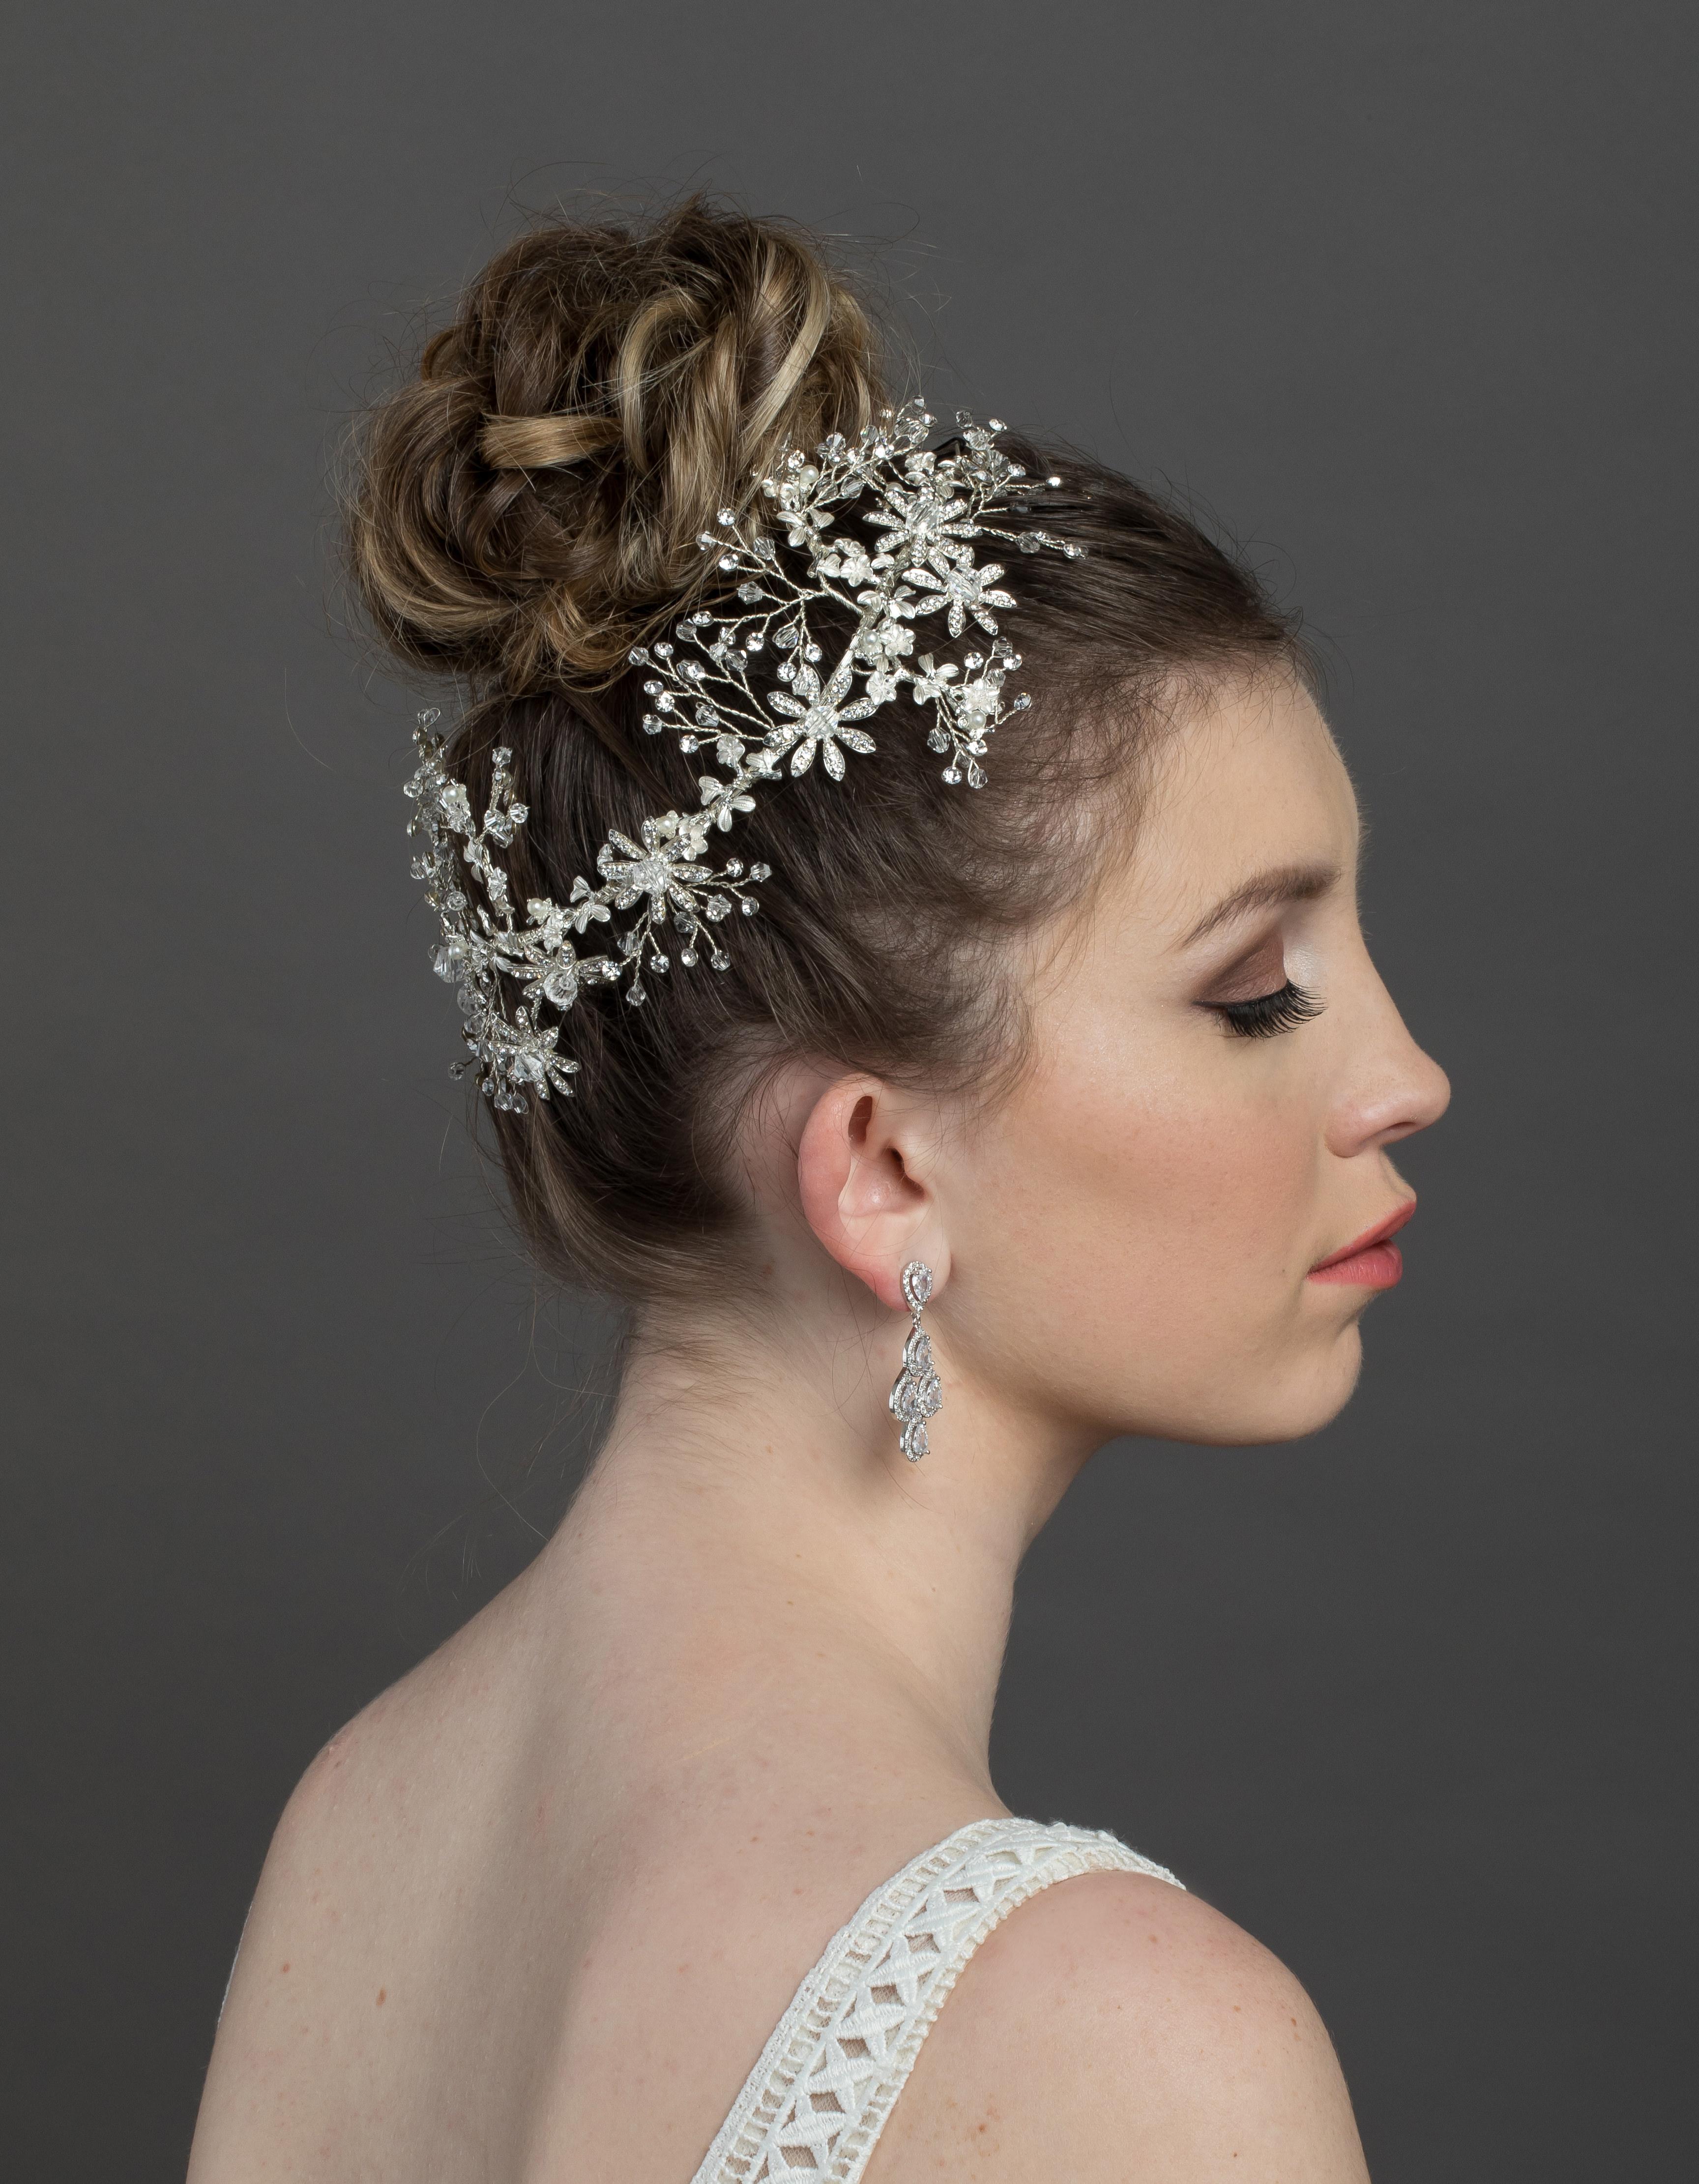 Bridal Classics Headbands, Wreaths & Vines T-4424